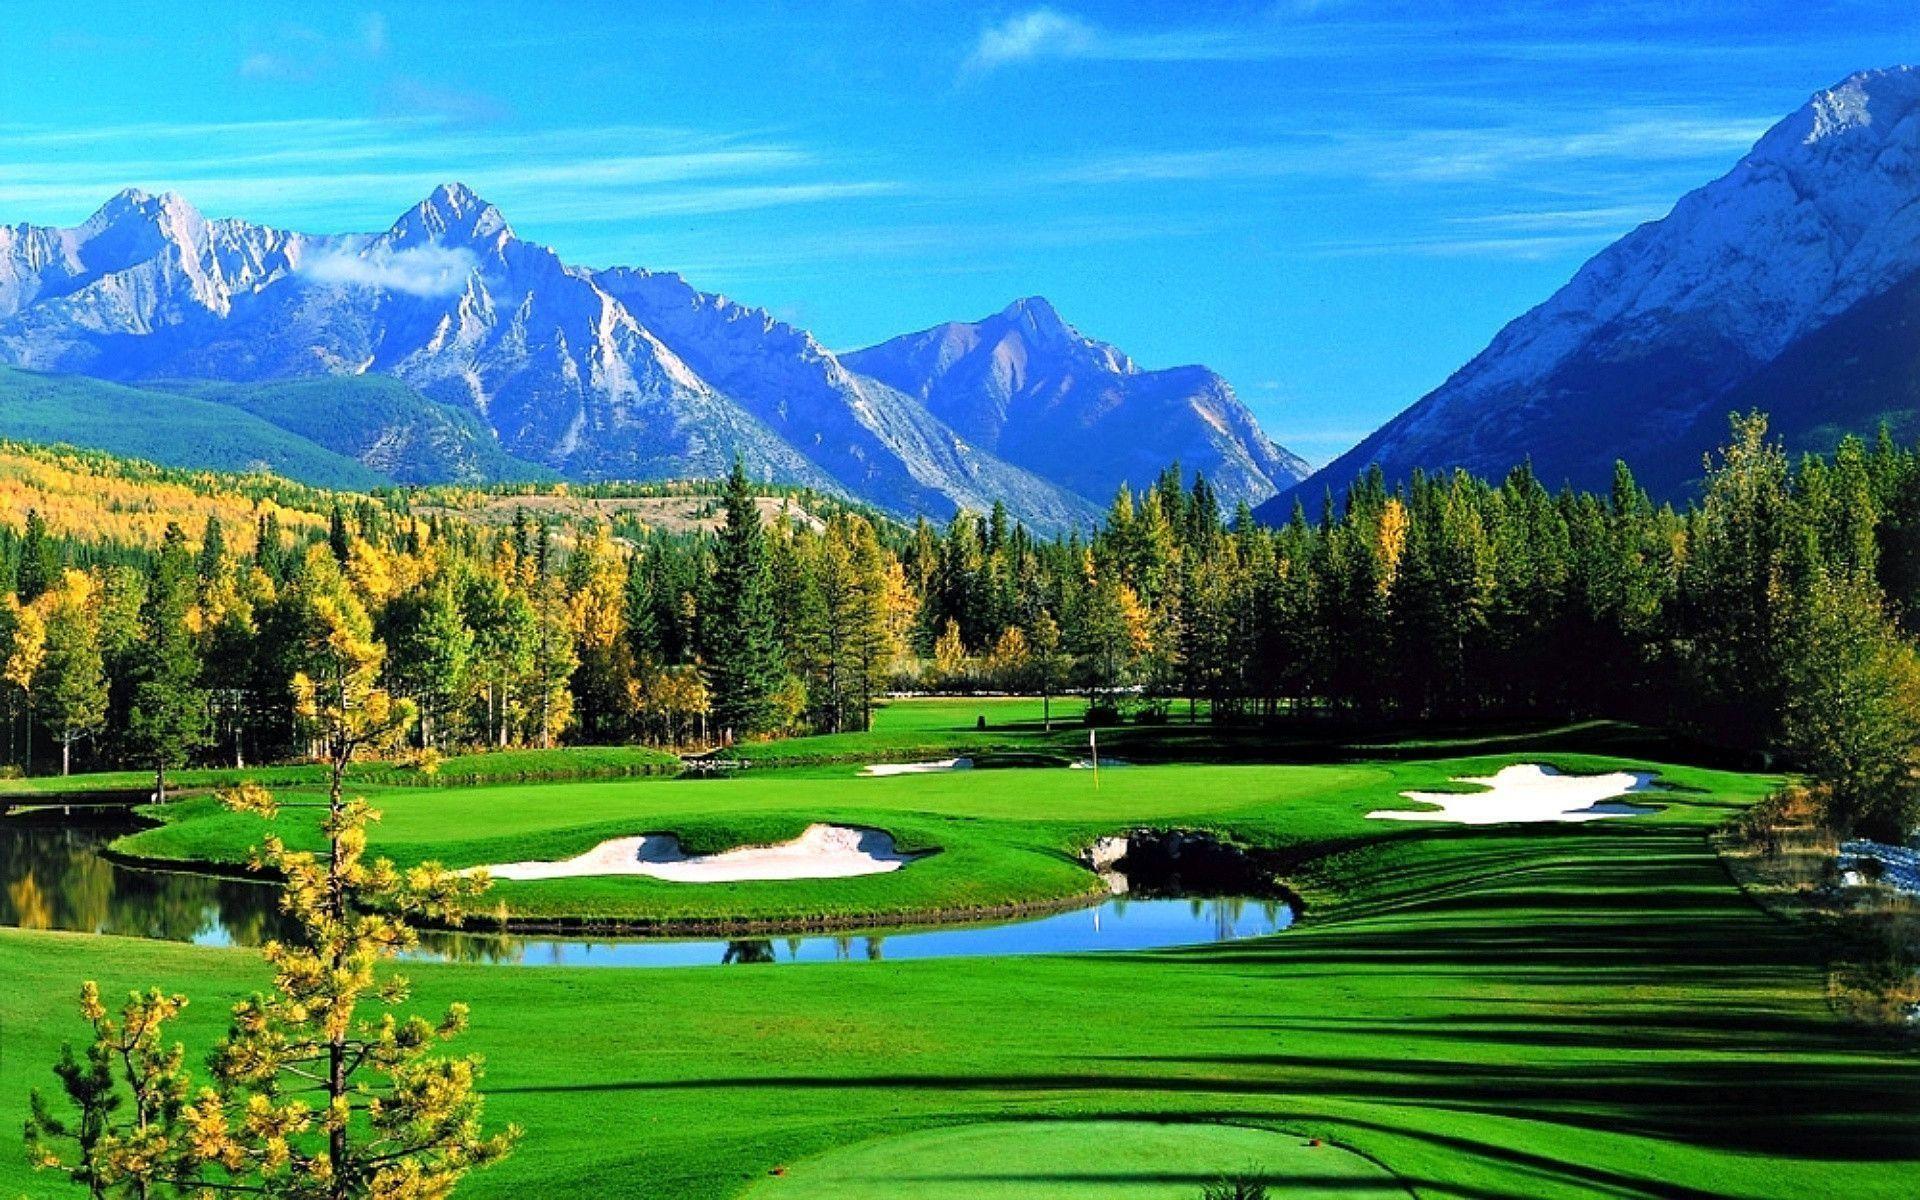 Golf Desktop Backgrounds (63+ Images